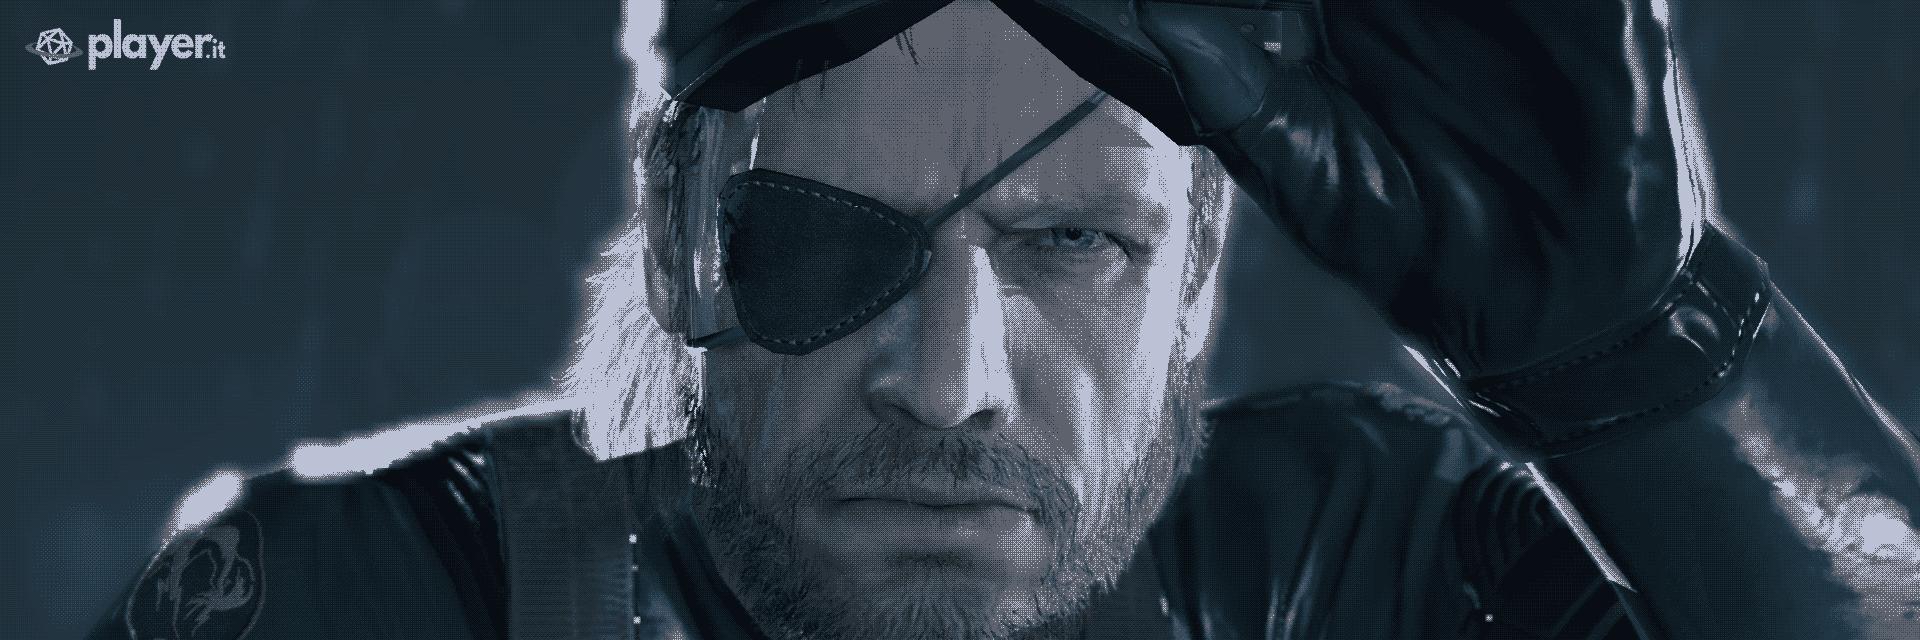 Metal Gear Solid V: Ground Zeroes scheda gioco